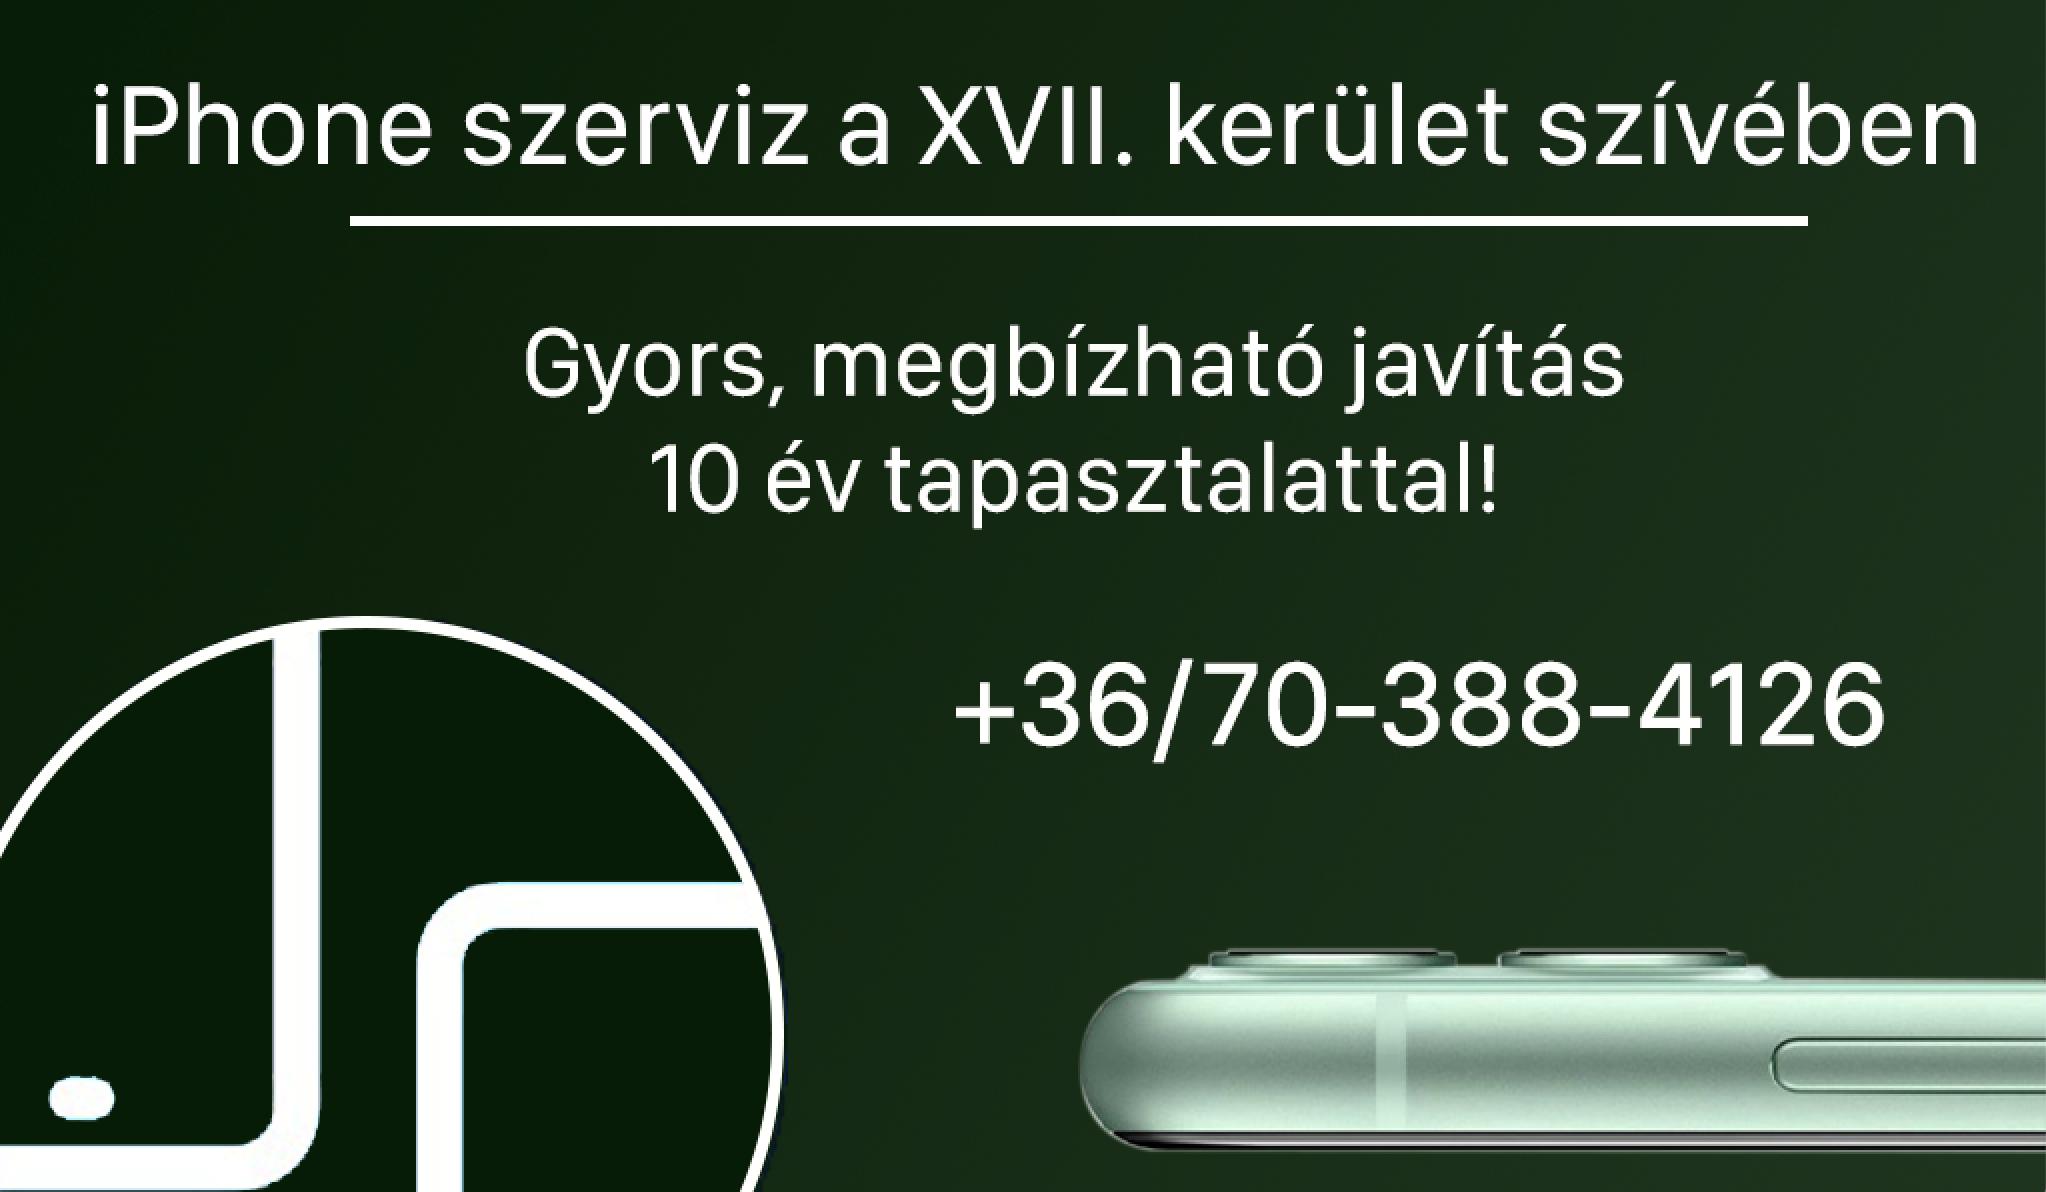 iPhone szerviz: ha a 16-17. kerületben laksz, ne is menj tovább!